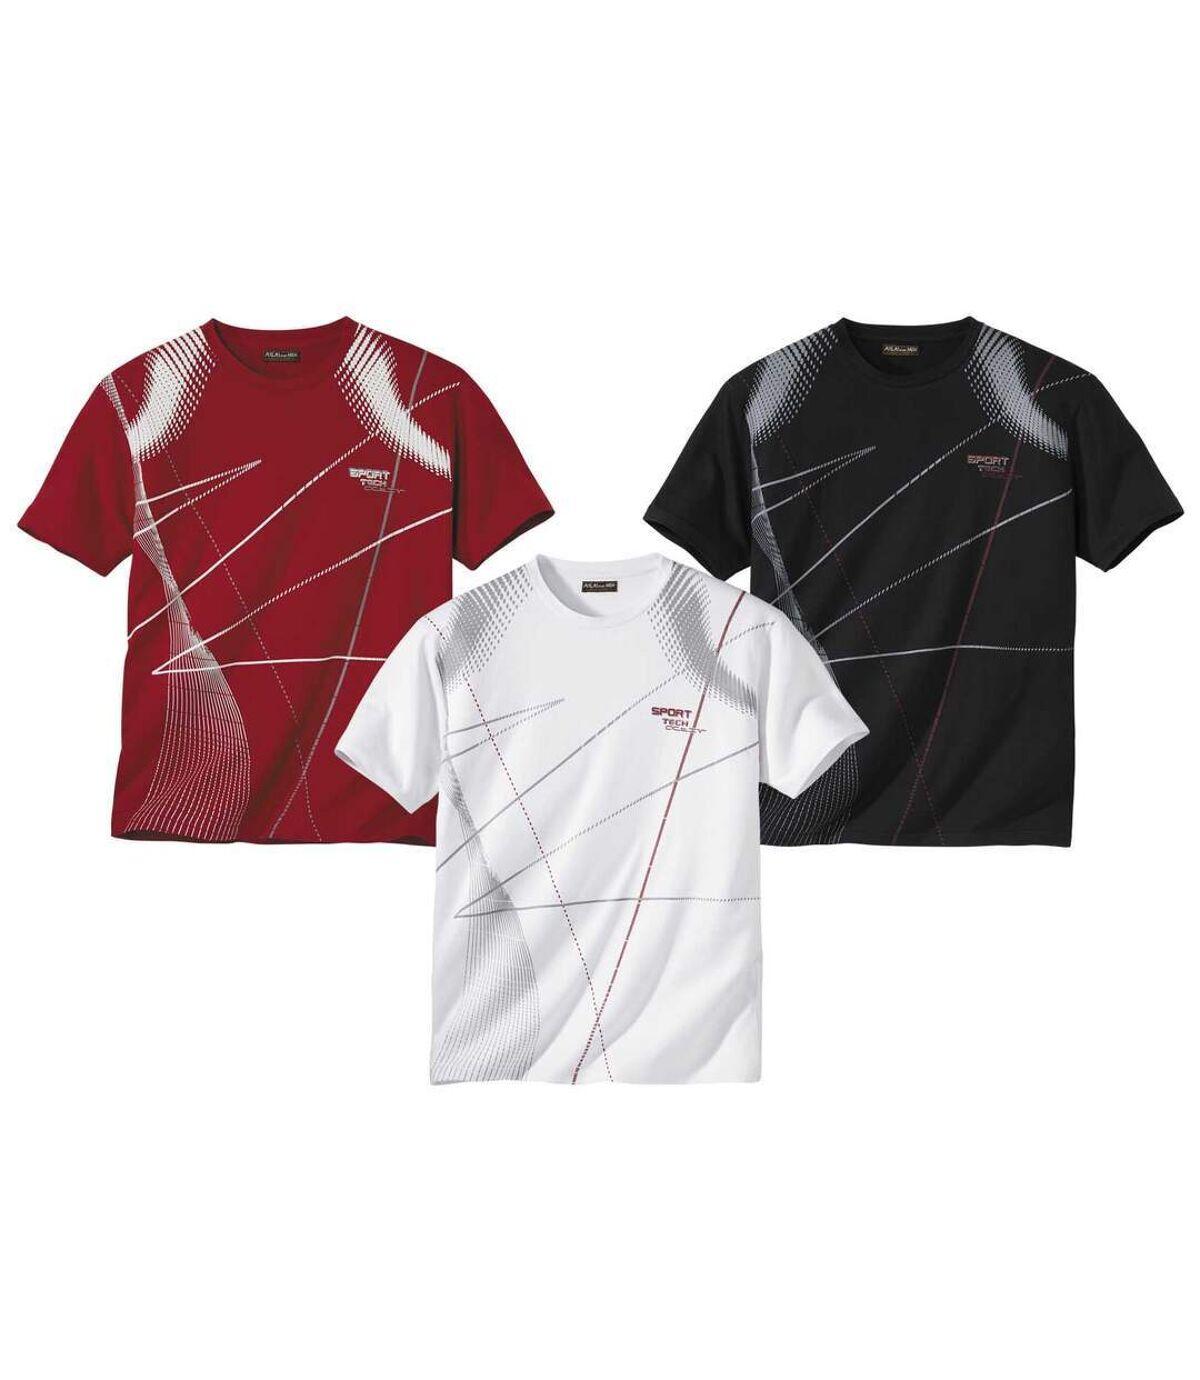 Zestaw 3 t-shirtów Sport Tech Atlas For Men